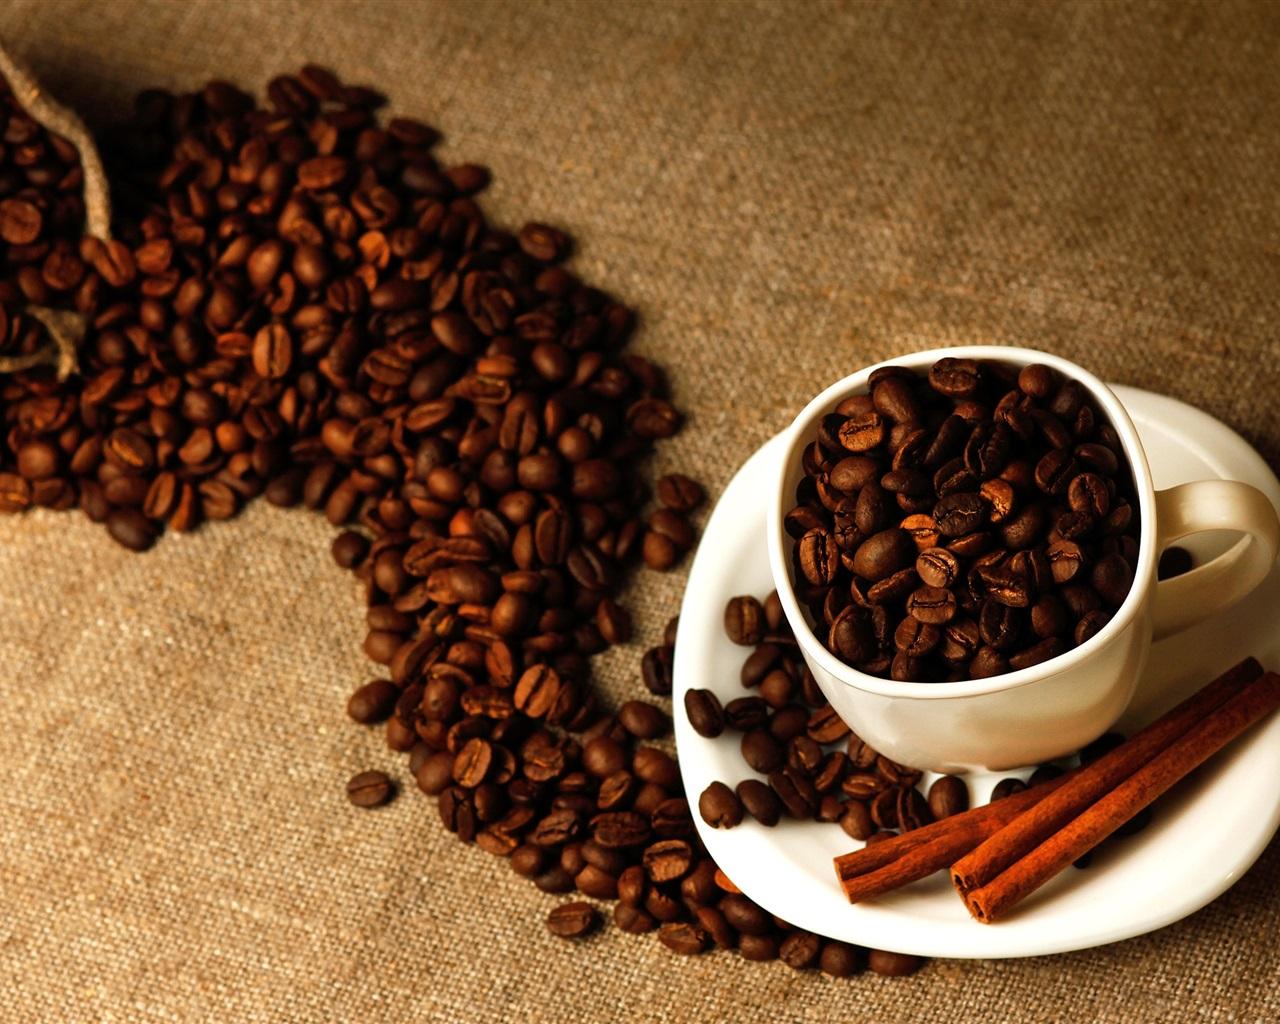 Les grains de caf close up tasse la cannelle sac fonds - Sac de cafe en grain ...